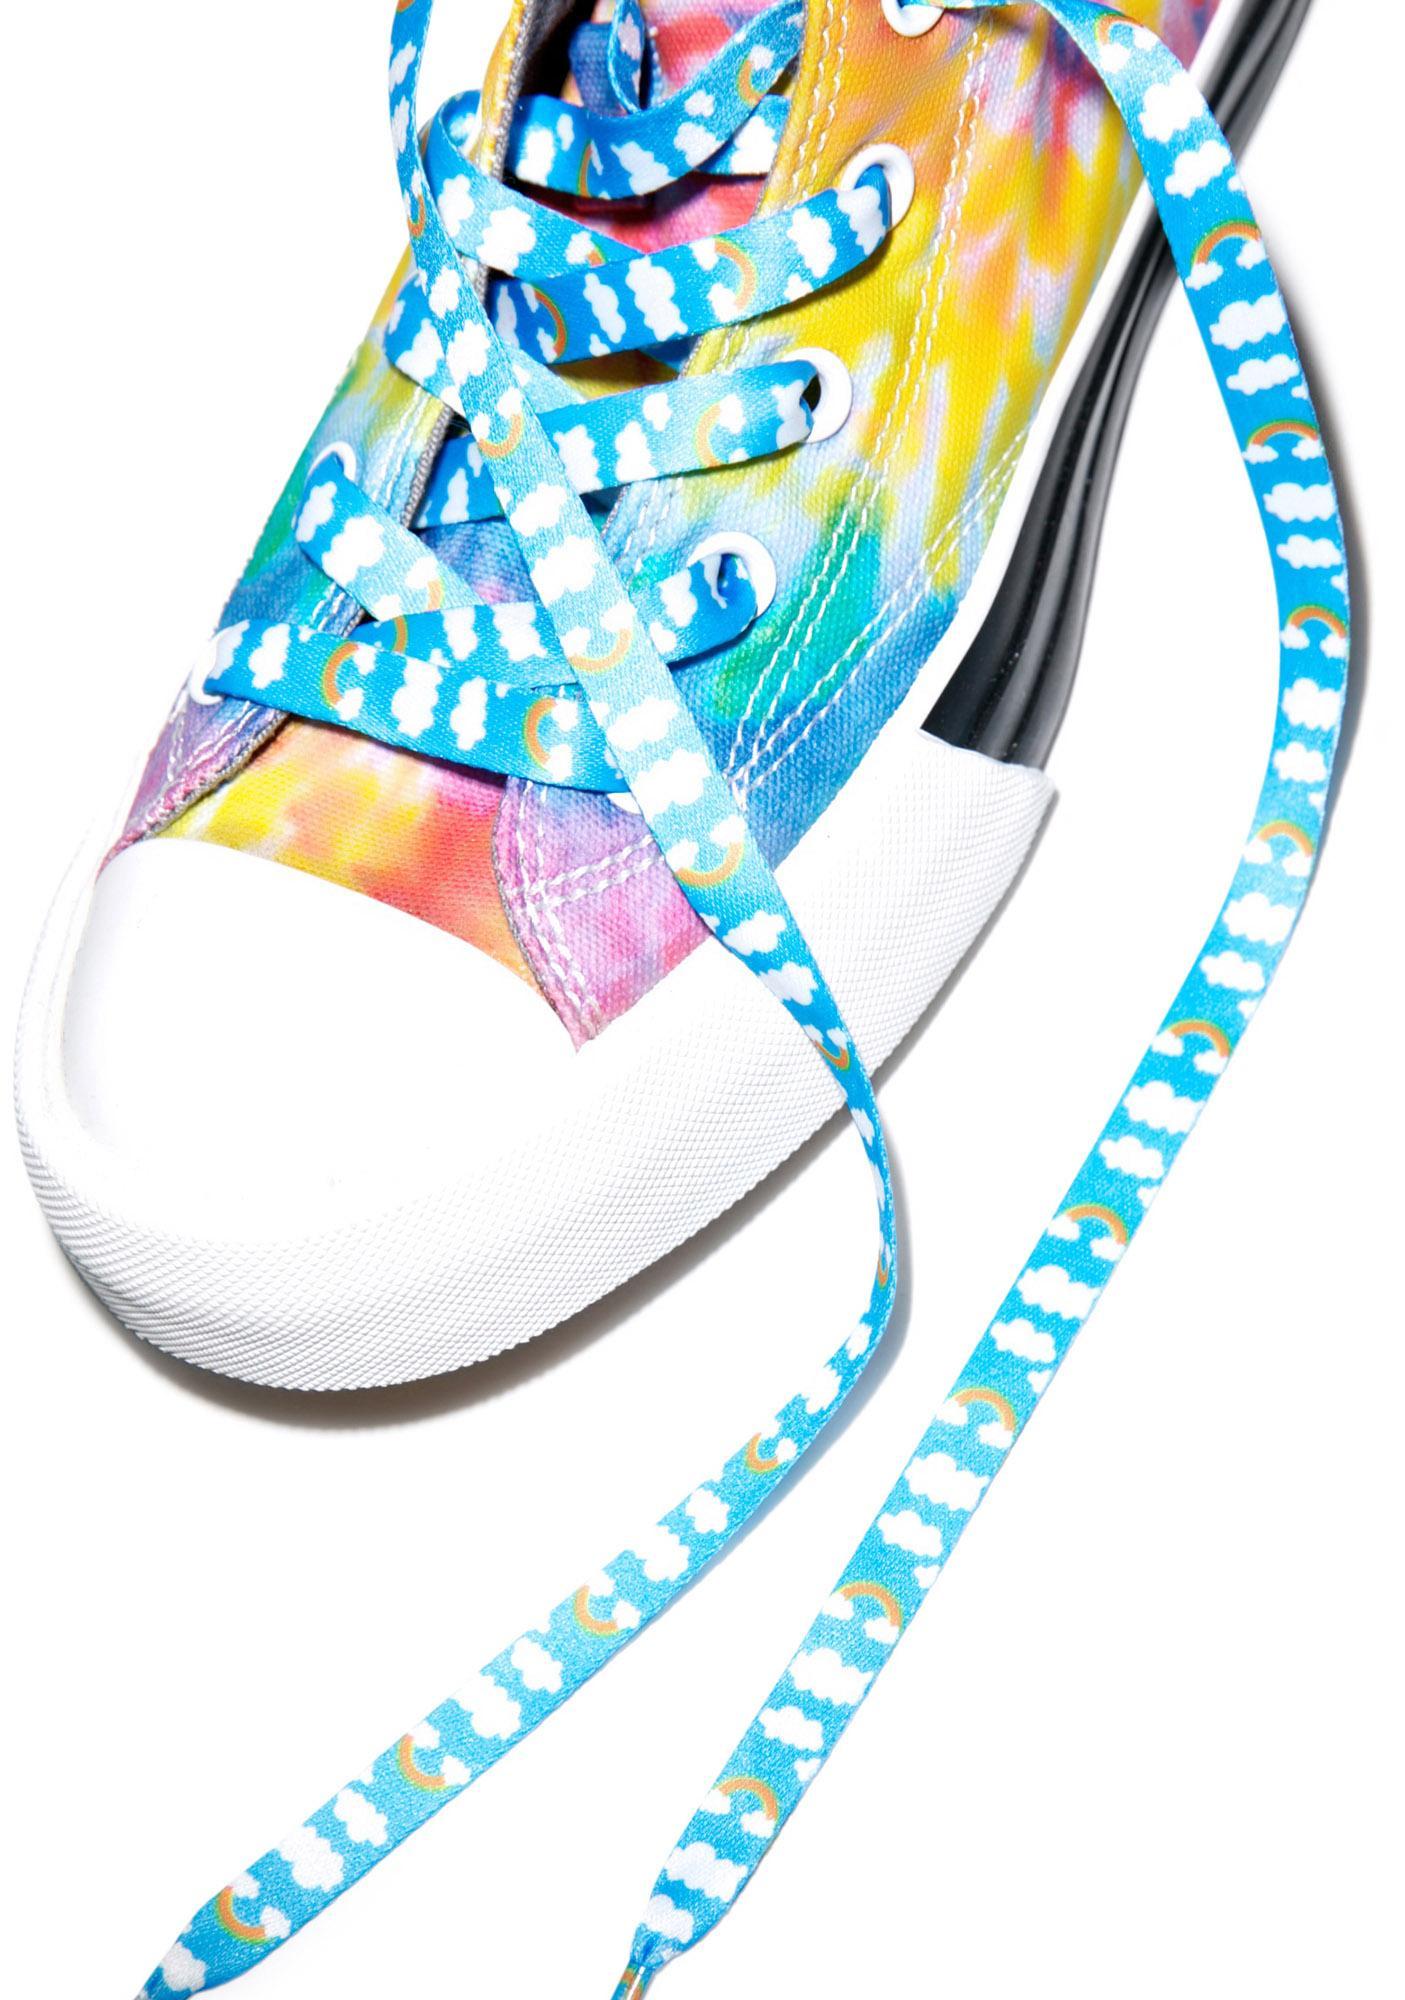 Rainbow Cloudz Shoelaces